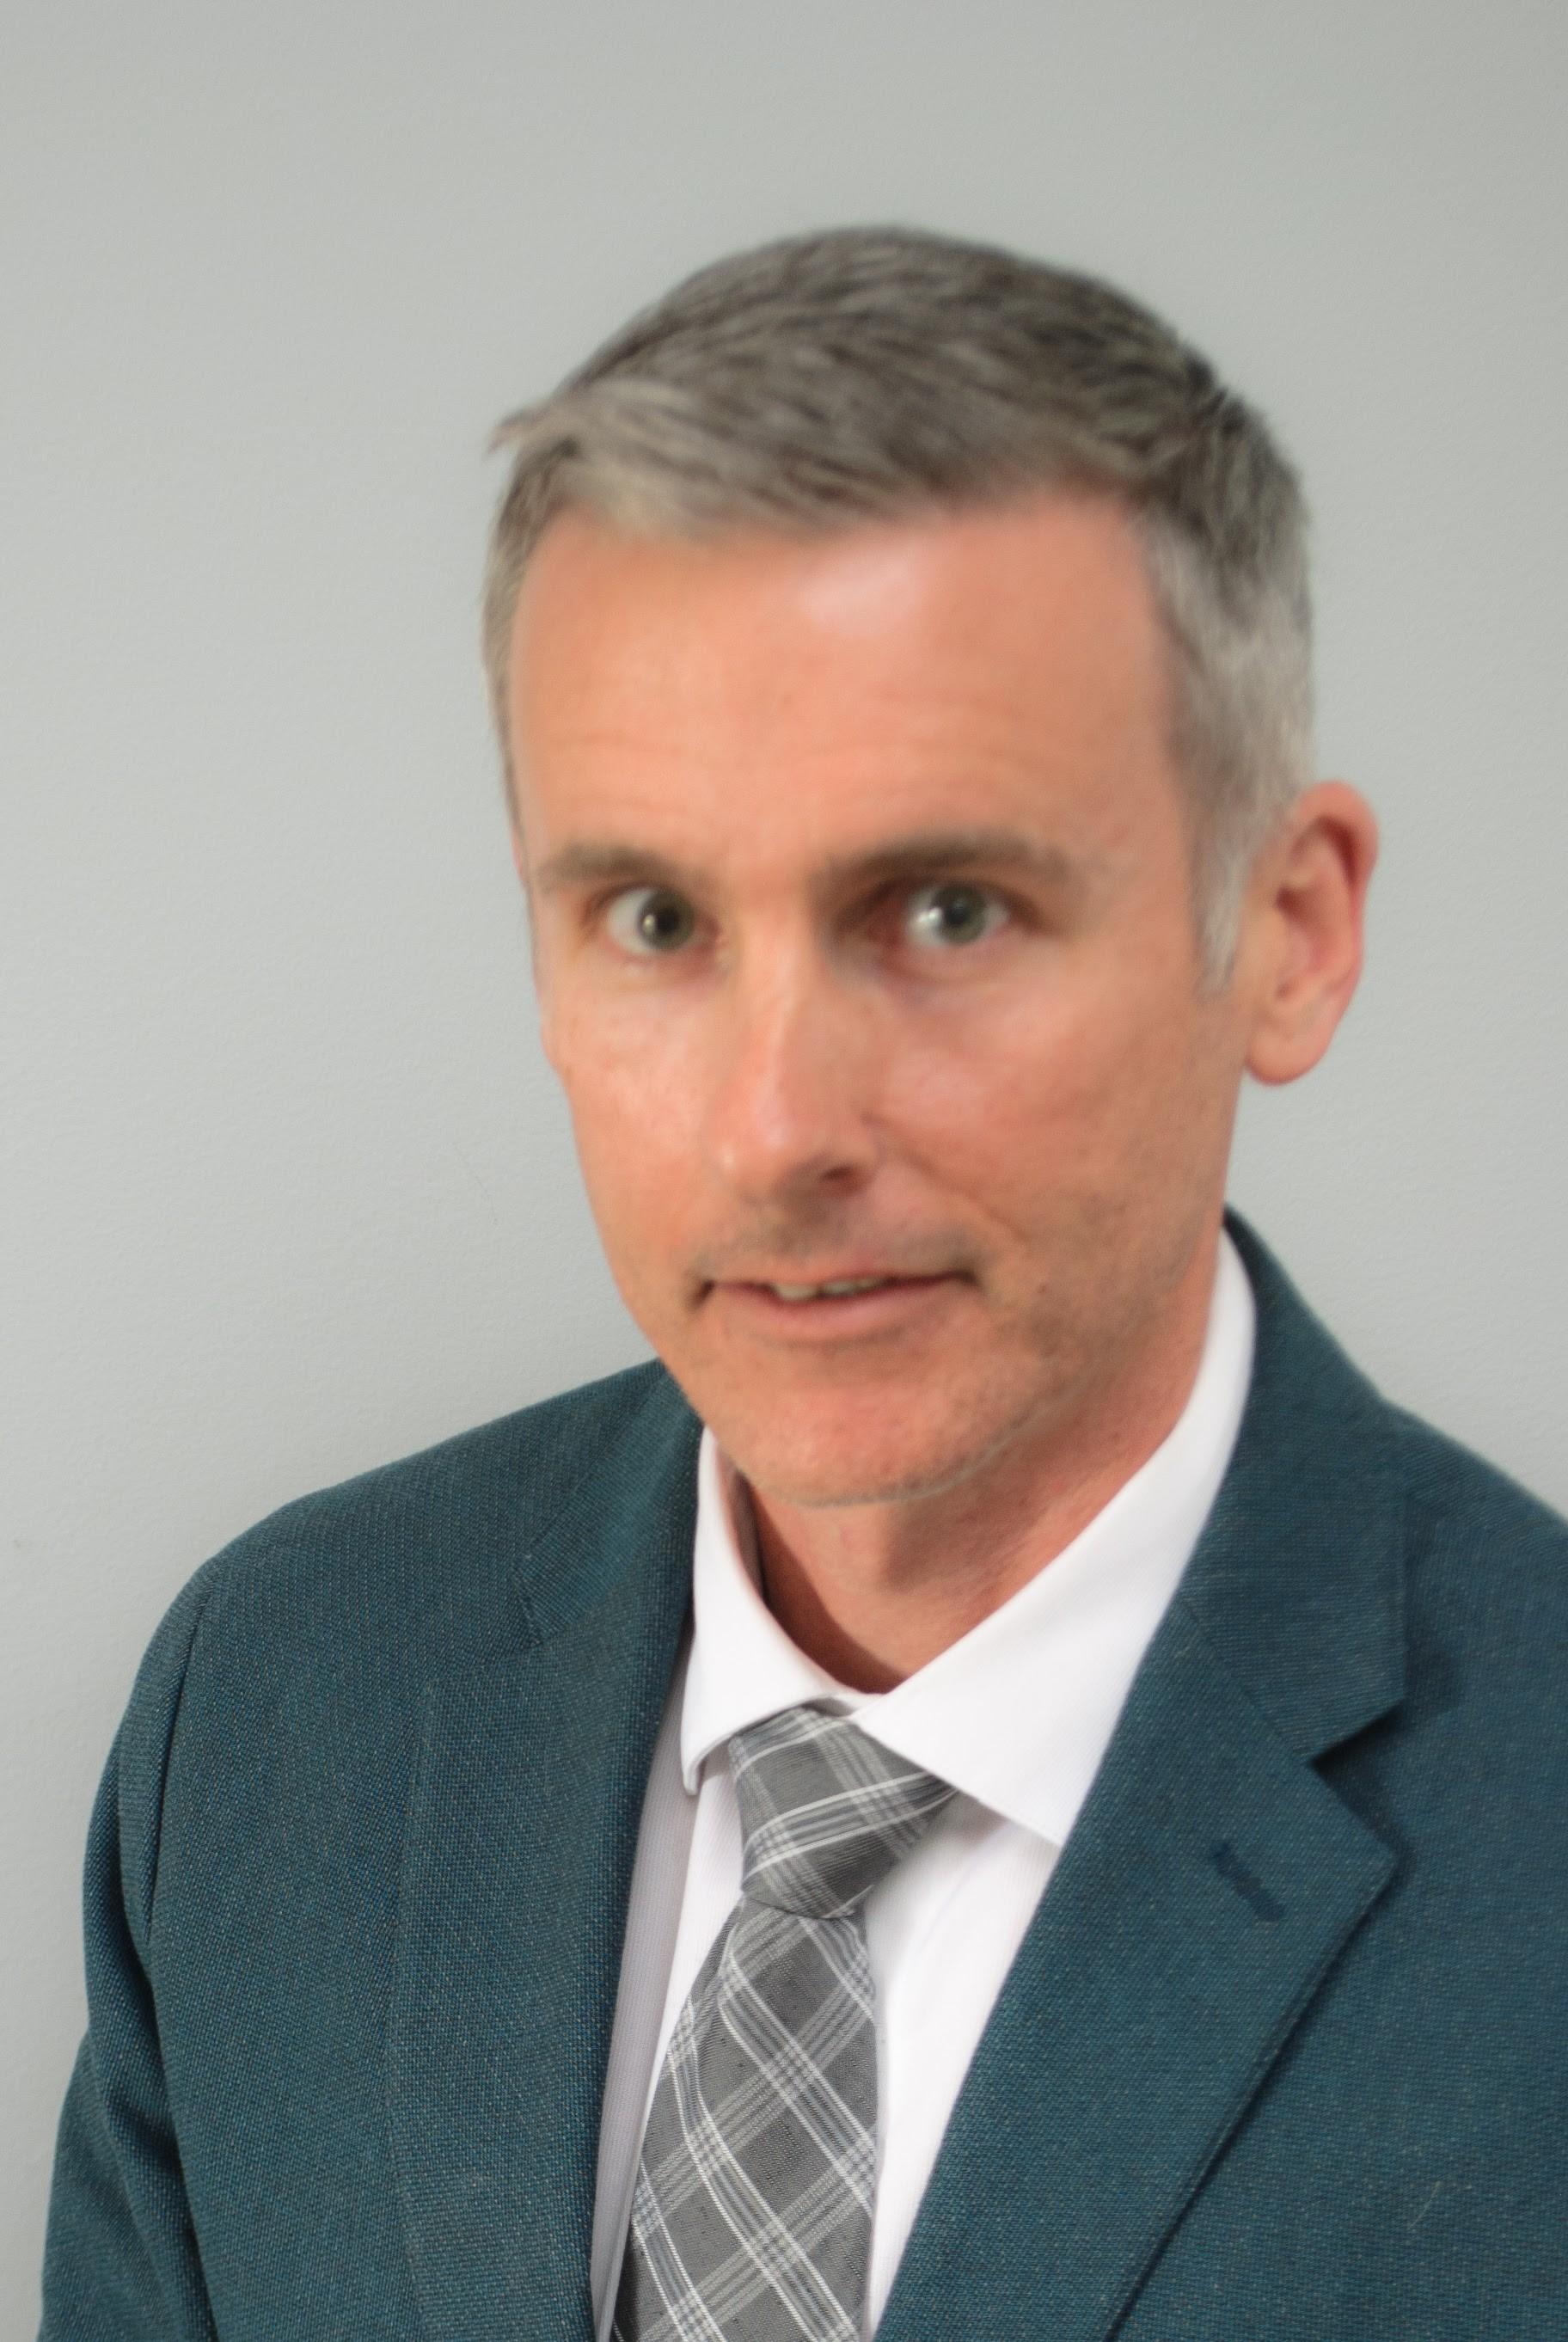 Dr. Bradley Scott, Ph.D.